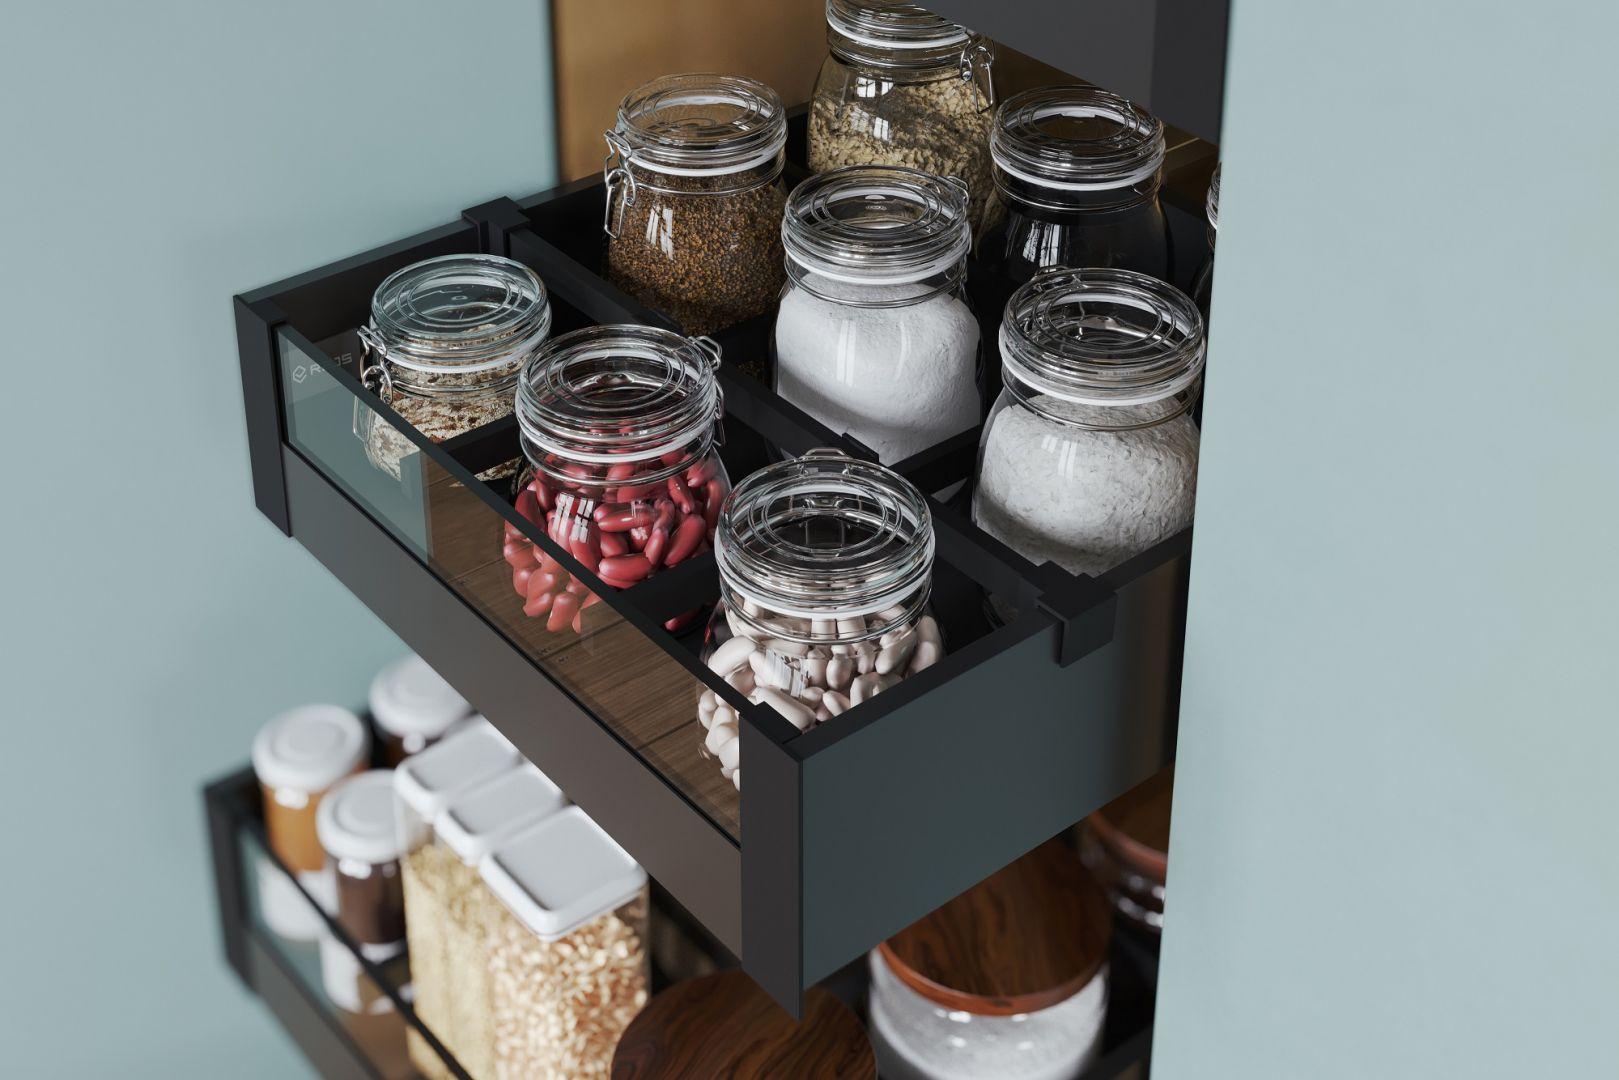 W każdej kuchni są setki rzeczy, które chcemy schować i jednocześnie mieć pod ręką. Szuflady są tu nieocenione. Fot. Rejs